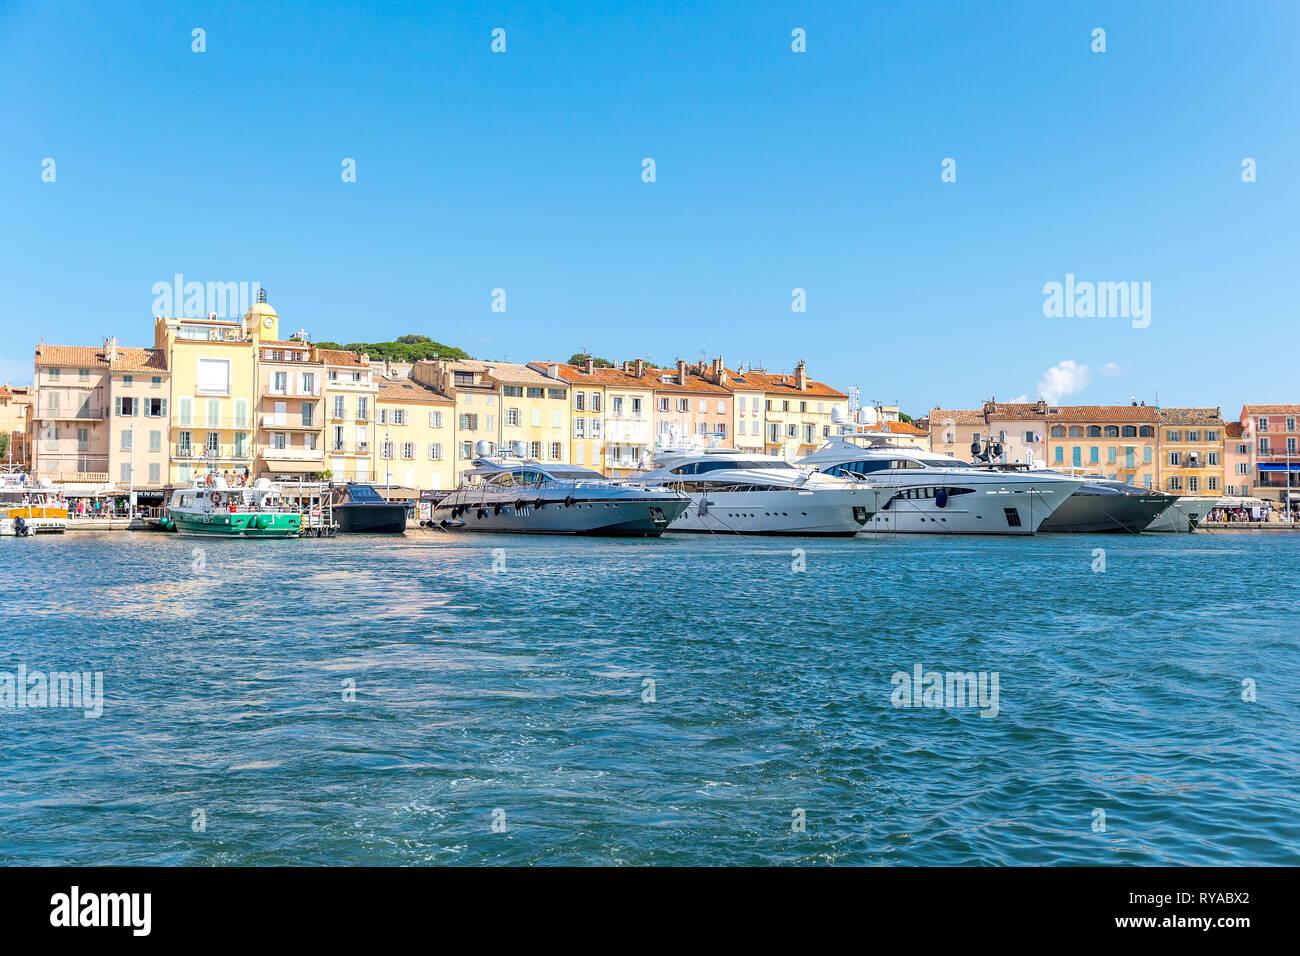 Yachten im Hafen vor den historischen Gebaeuden in Saint Tropez, Frankreich, 01.09.2018 Bildnachweis: Mario Hommes/HH-Fotografie Stockbild